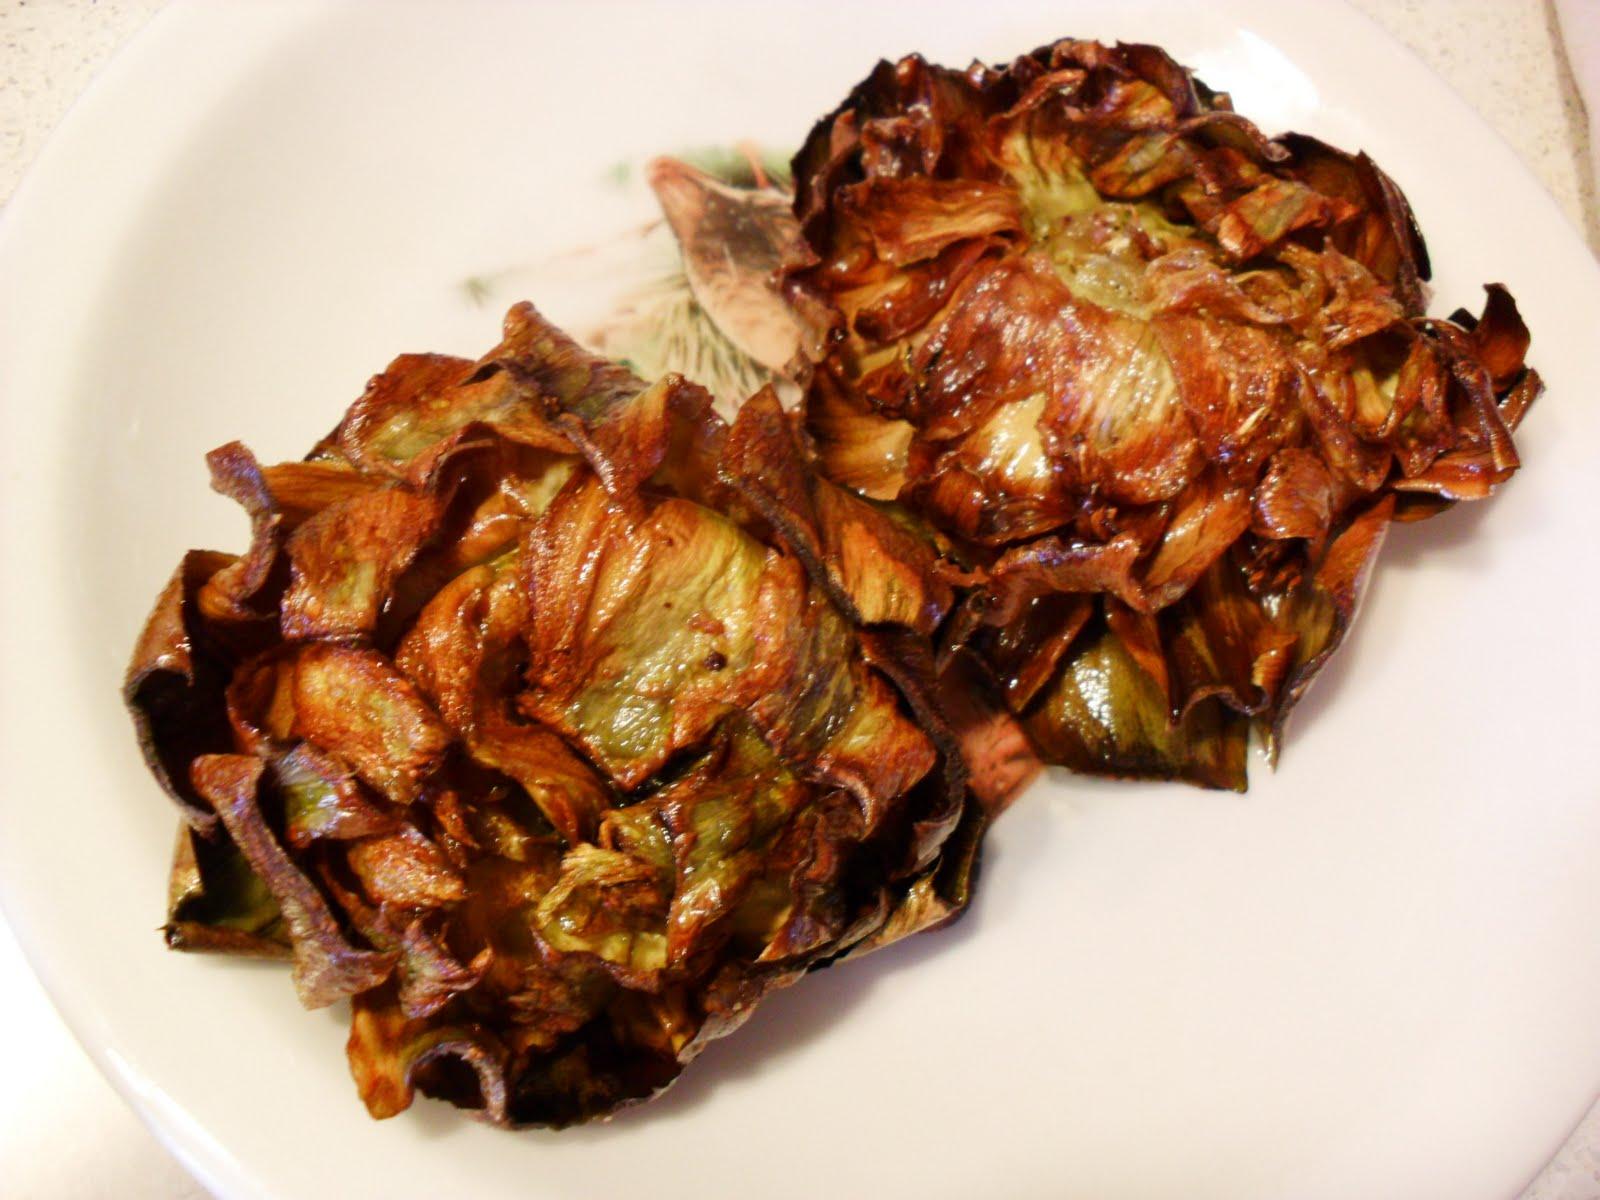 Carciofi alla giudia piatti tipici del lazio italy eat food for Piatti tipici laziali